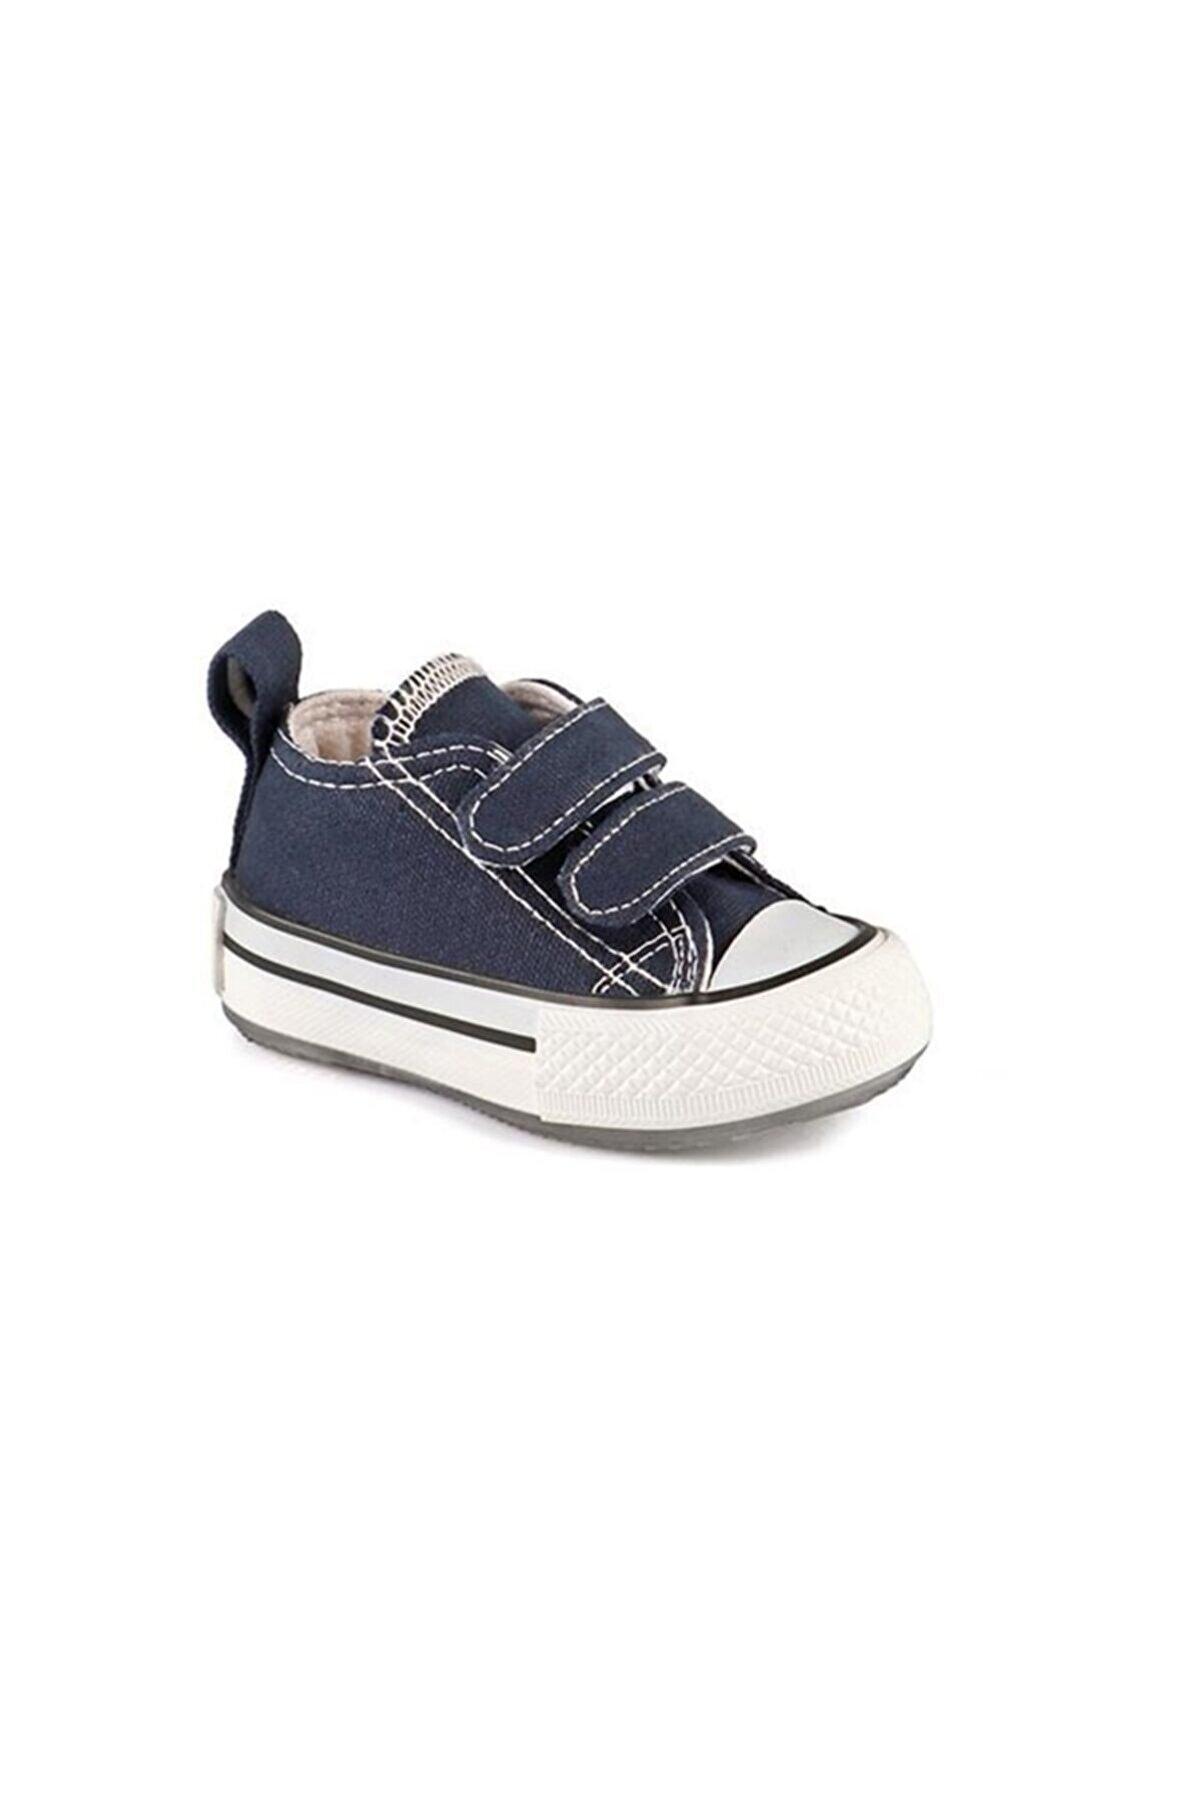 Vicco 925.P20Y.150 Lacivert Erkek Çocuk Günlük Ayakkabı 100578822